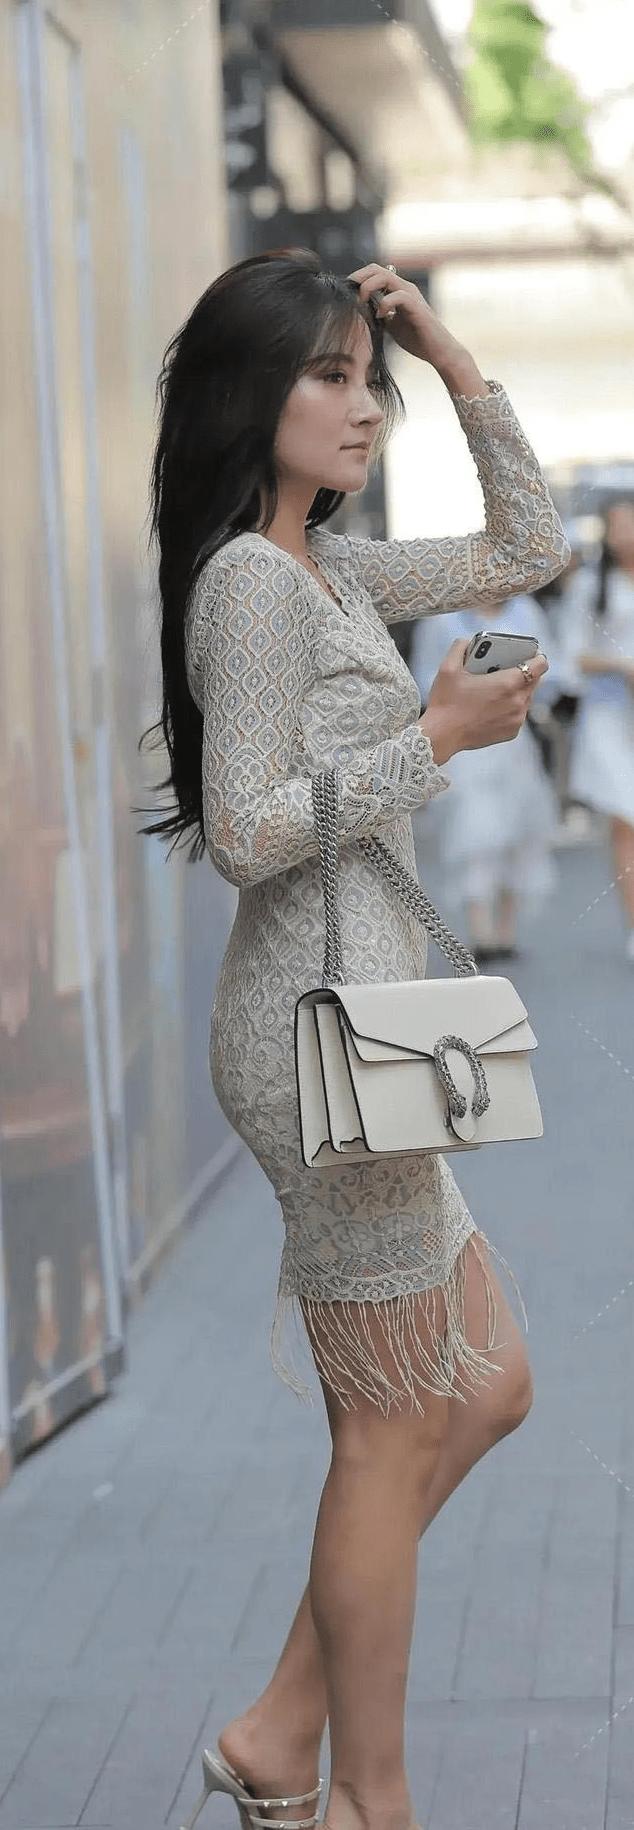 法式白色蕾丝裙搭配细高跟鞋,精致的雕花既视感,你喜欢吗?_线条